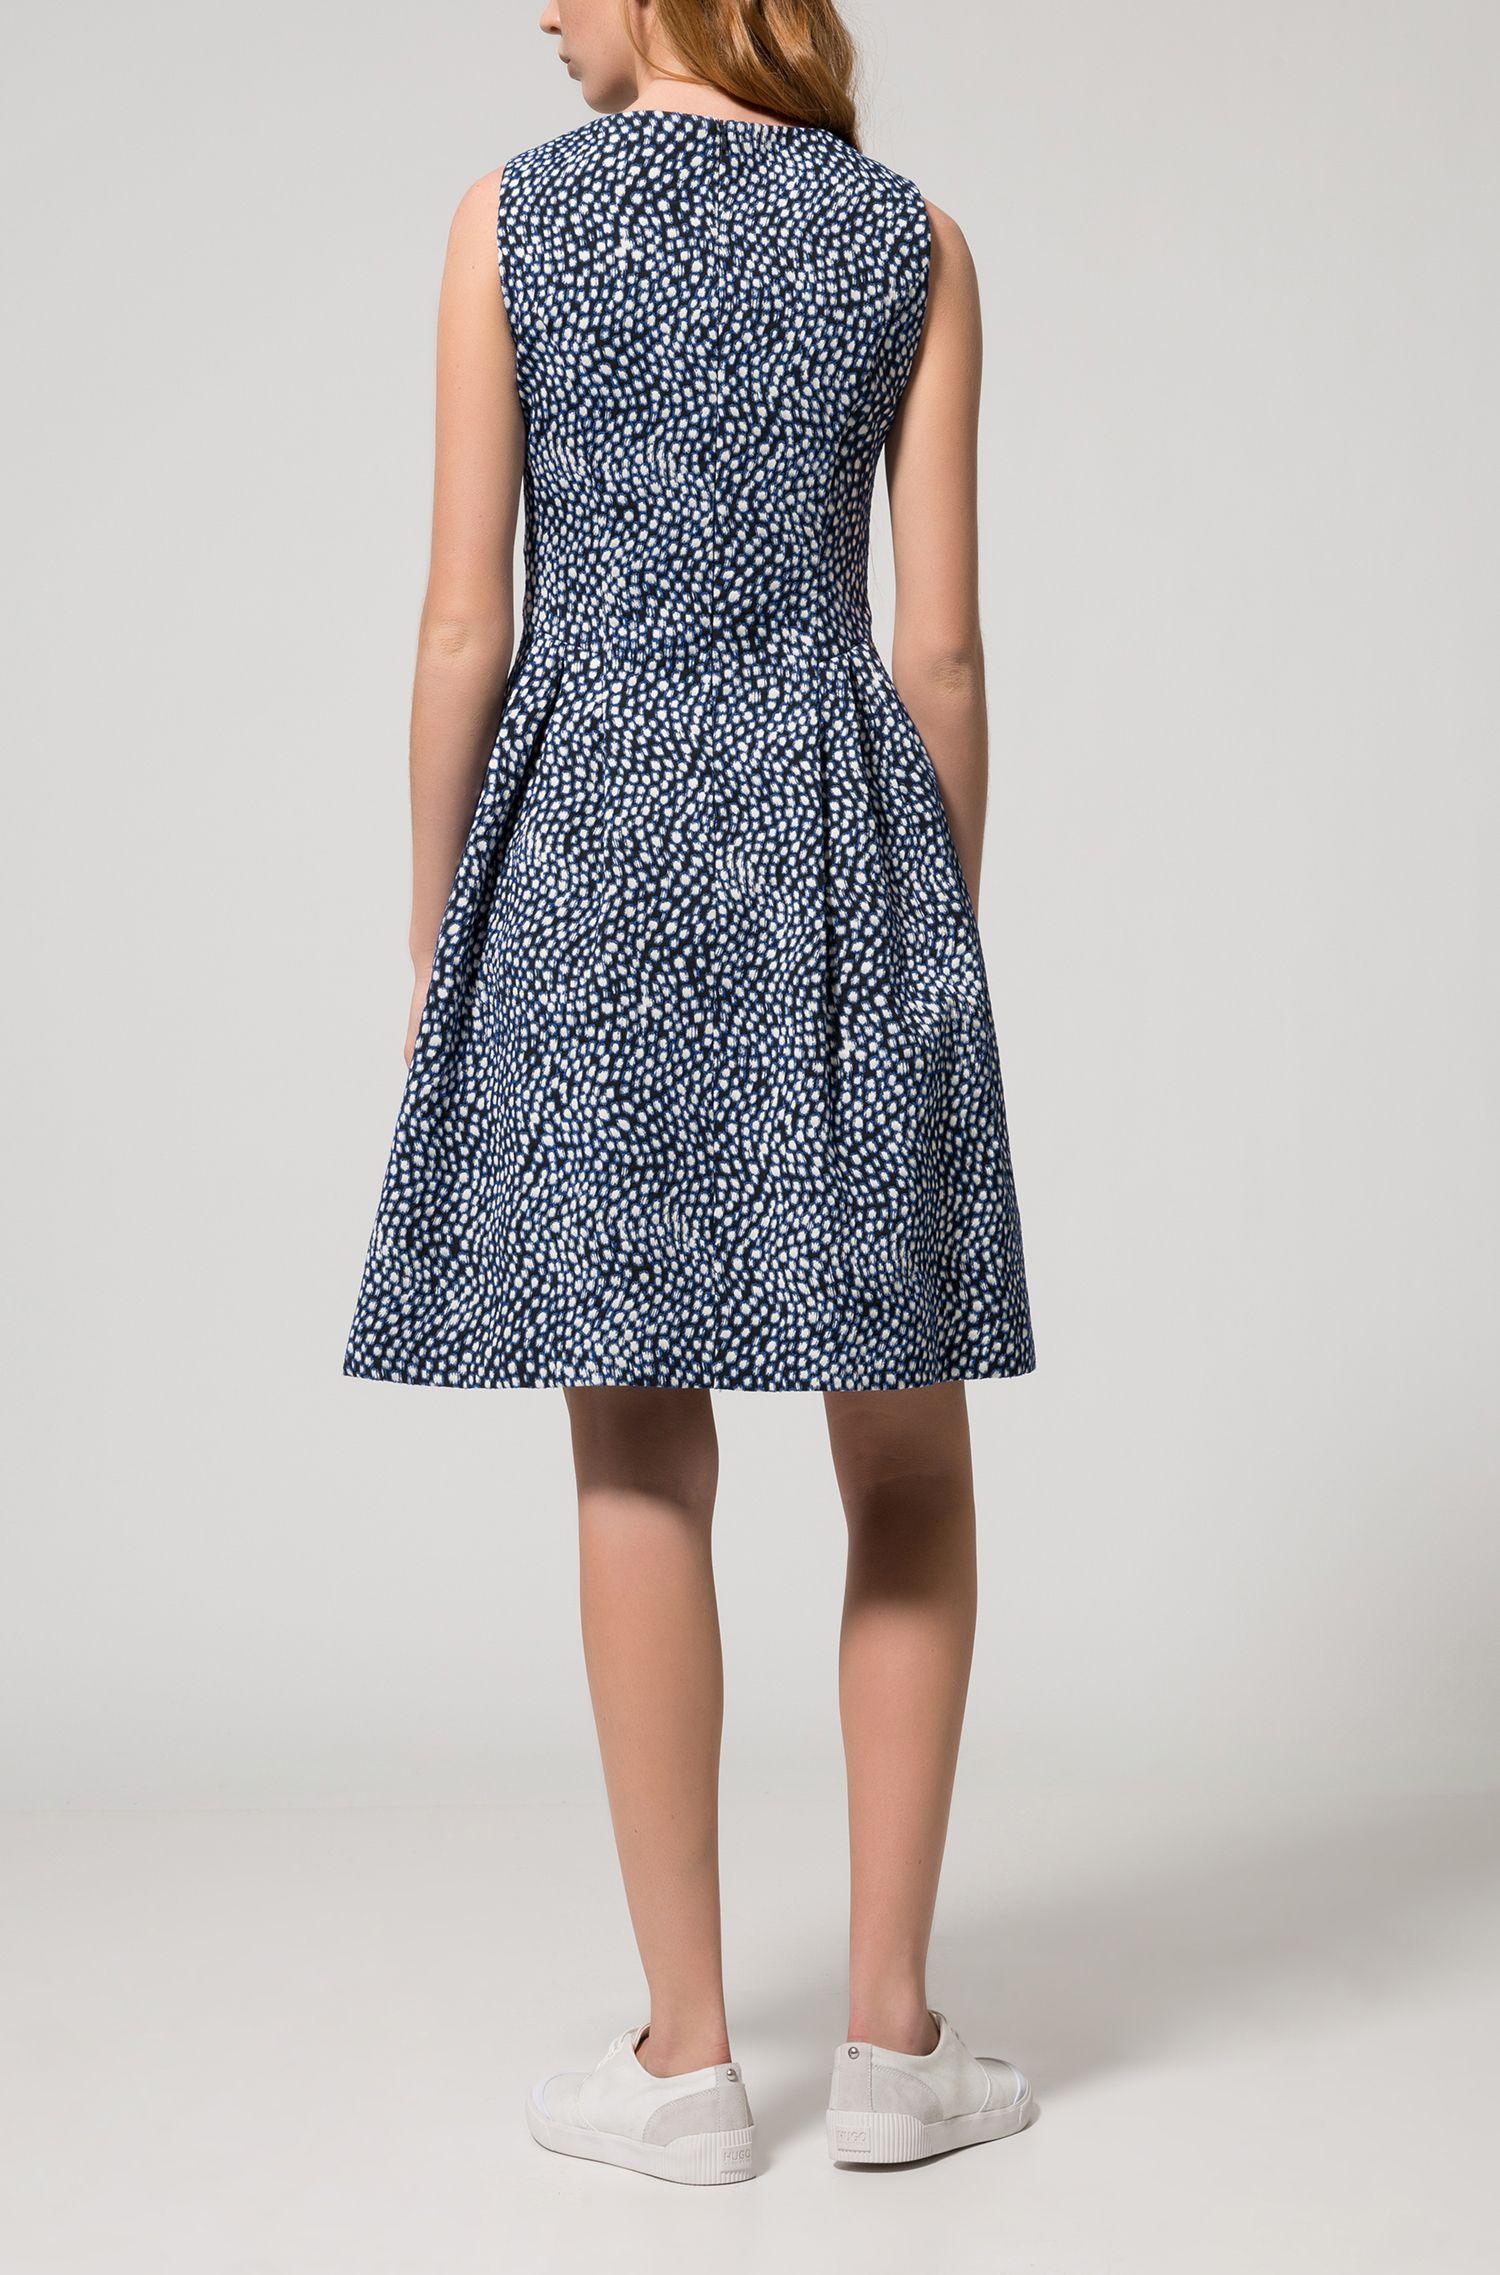 Gemustertes Jacquard-Kleid aus elastischem Baumwoll-Mix